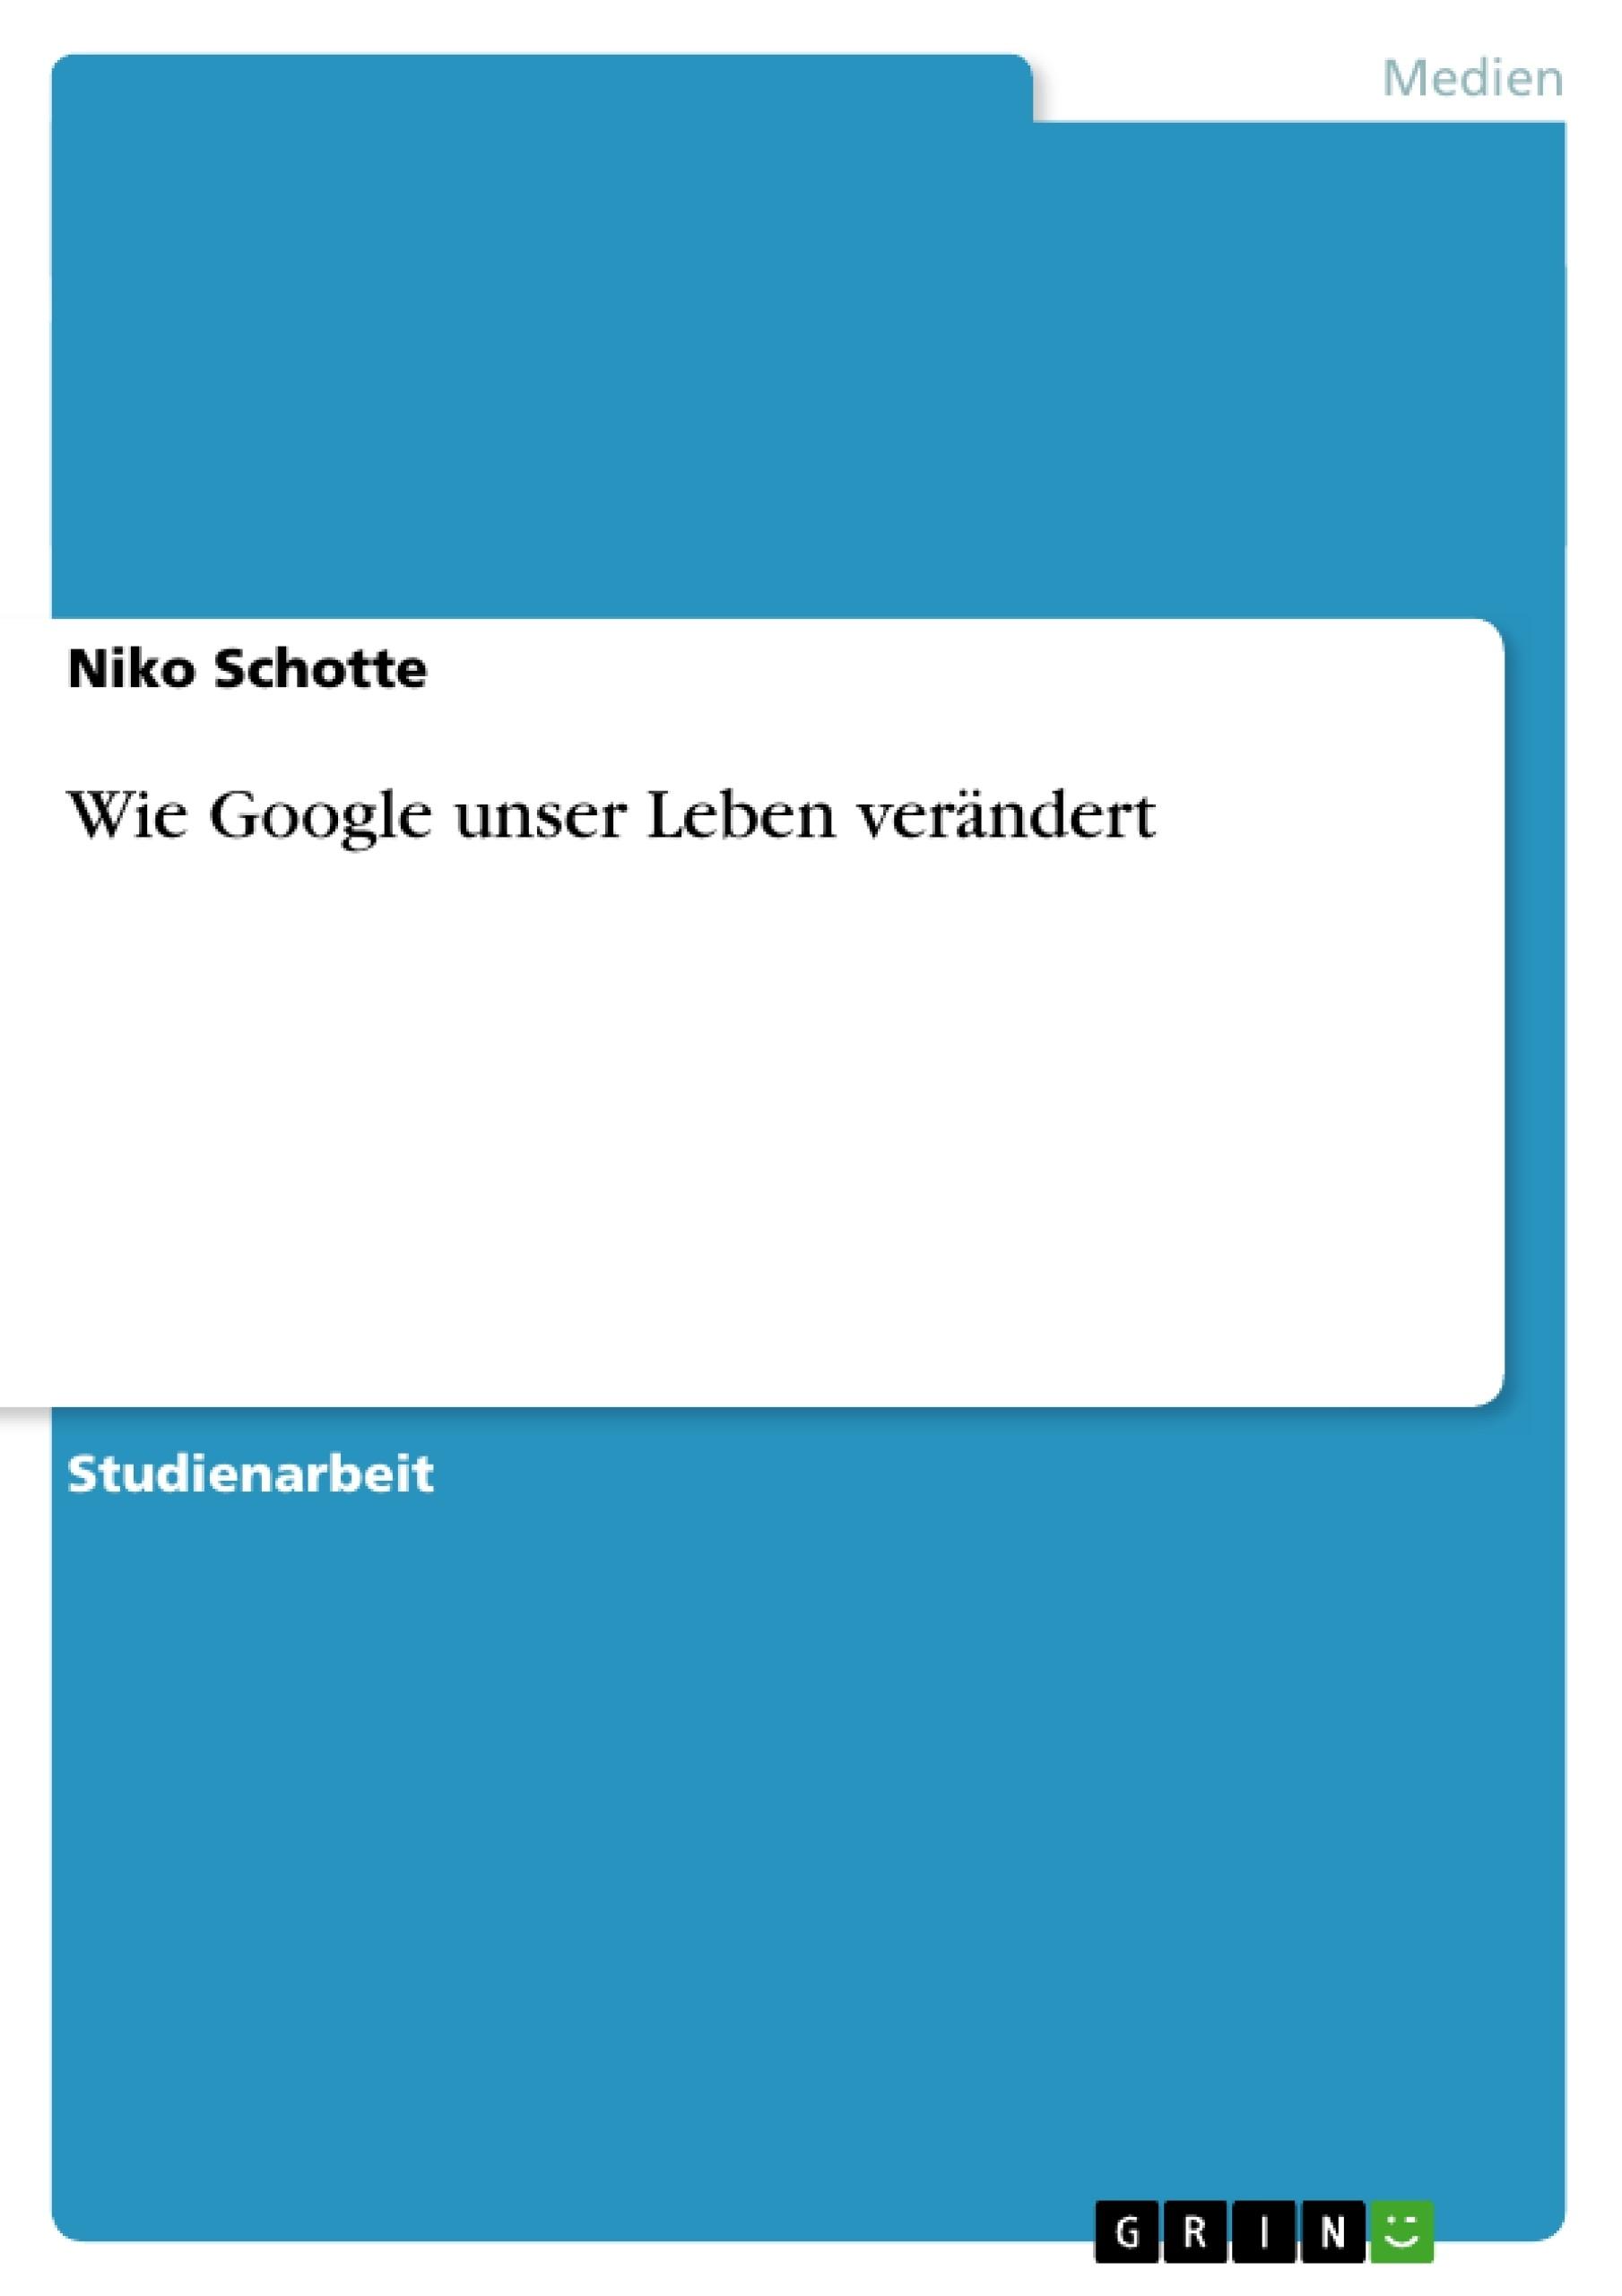 Titel: Wie Google unser Leben verändert